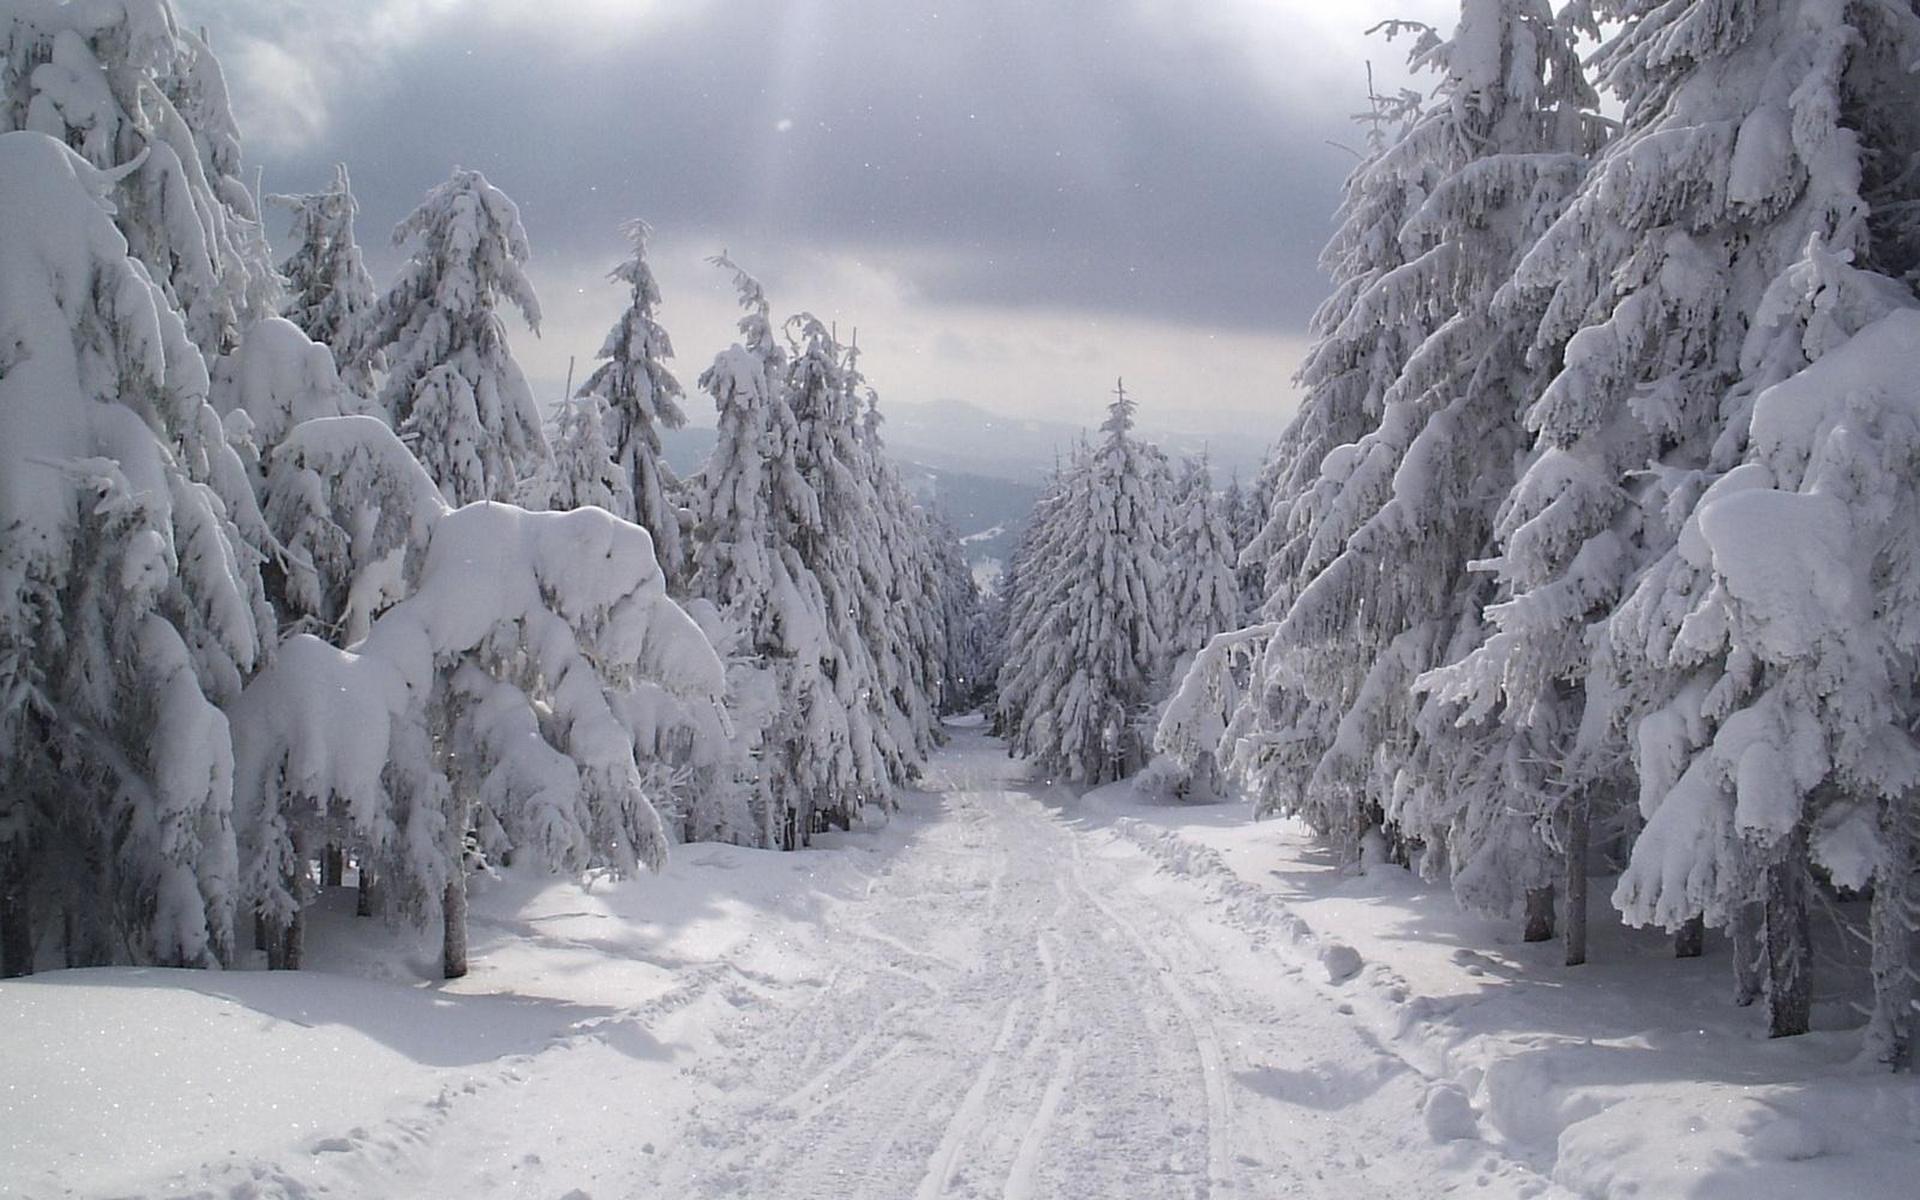 Sfondi gratis per desktop paesaggi invernali sfondi for Foto inverno per desktop